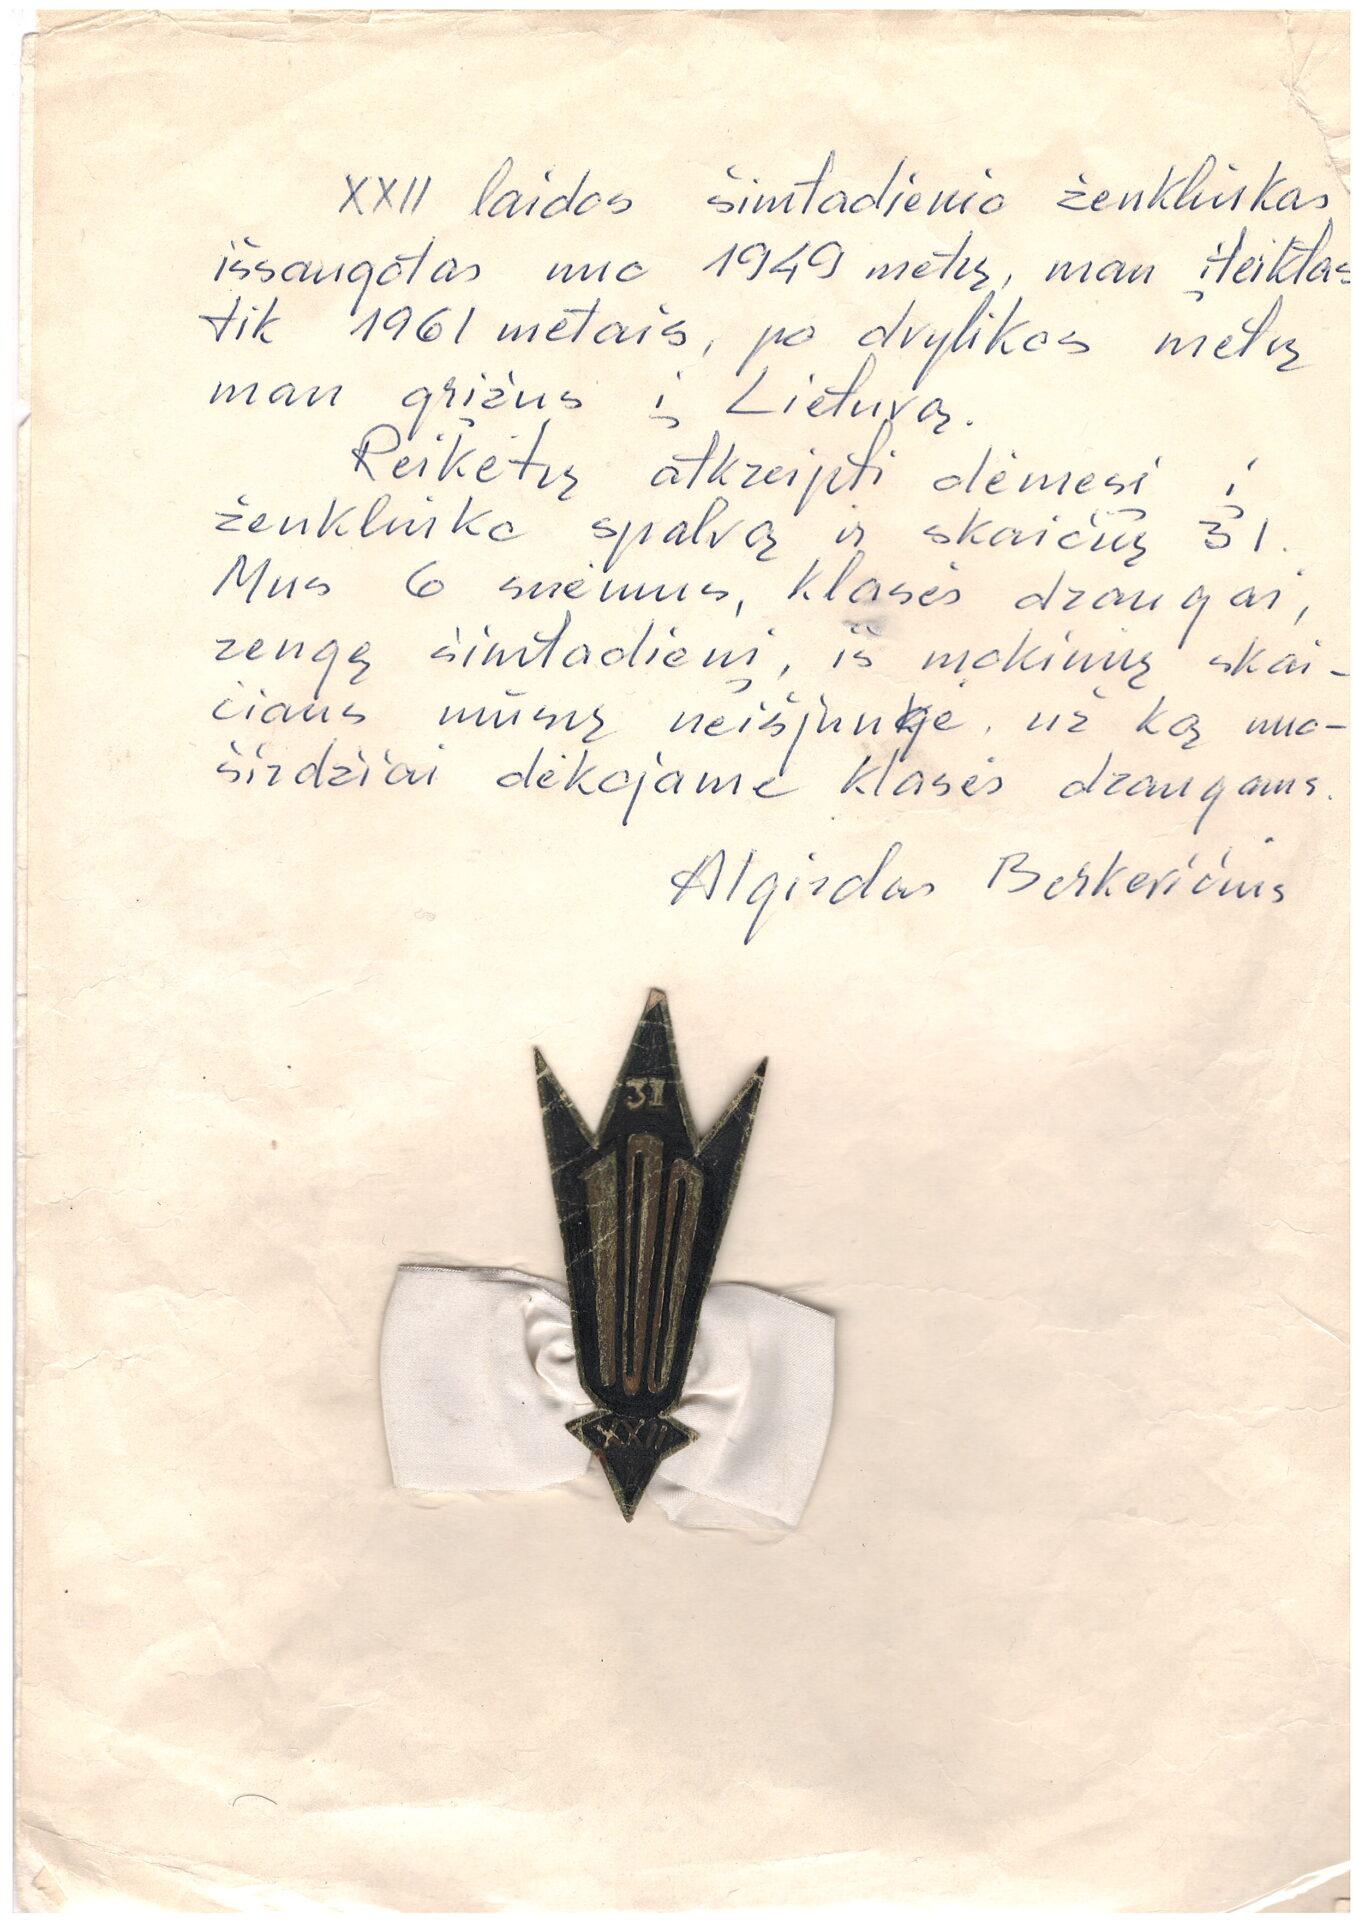 1949 m. abiturientų laidos šimtadienio ženkliukas